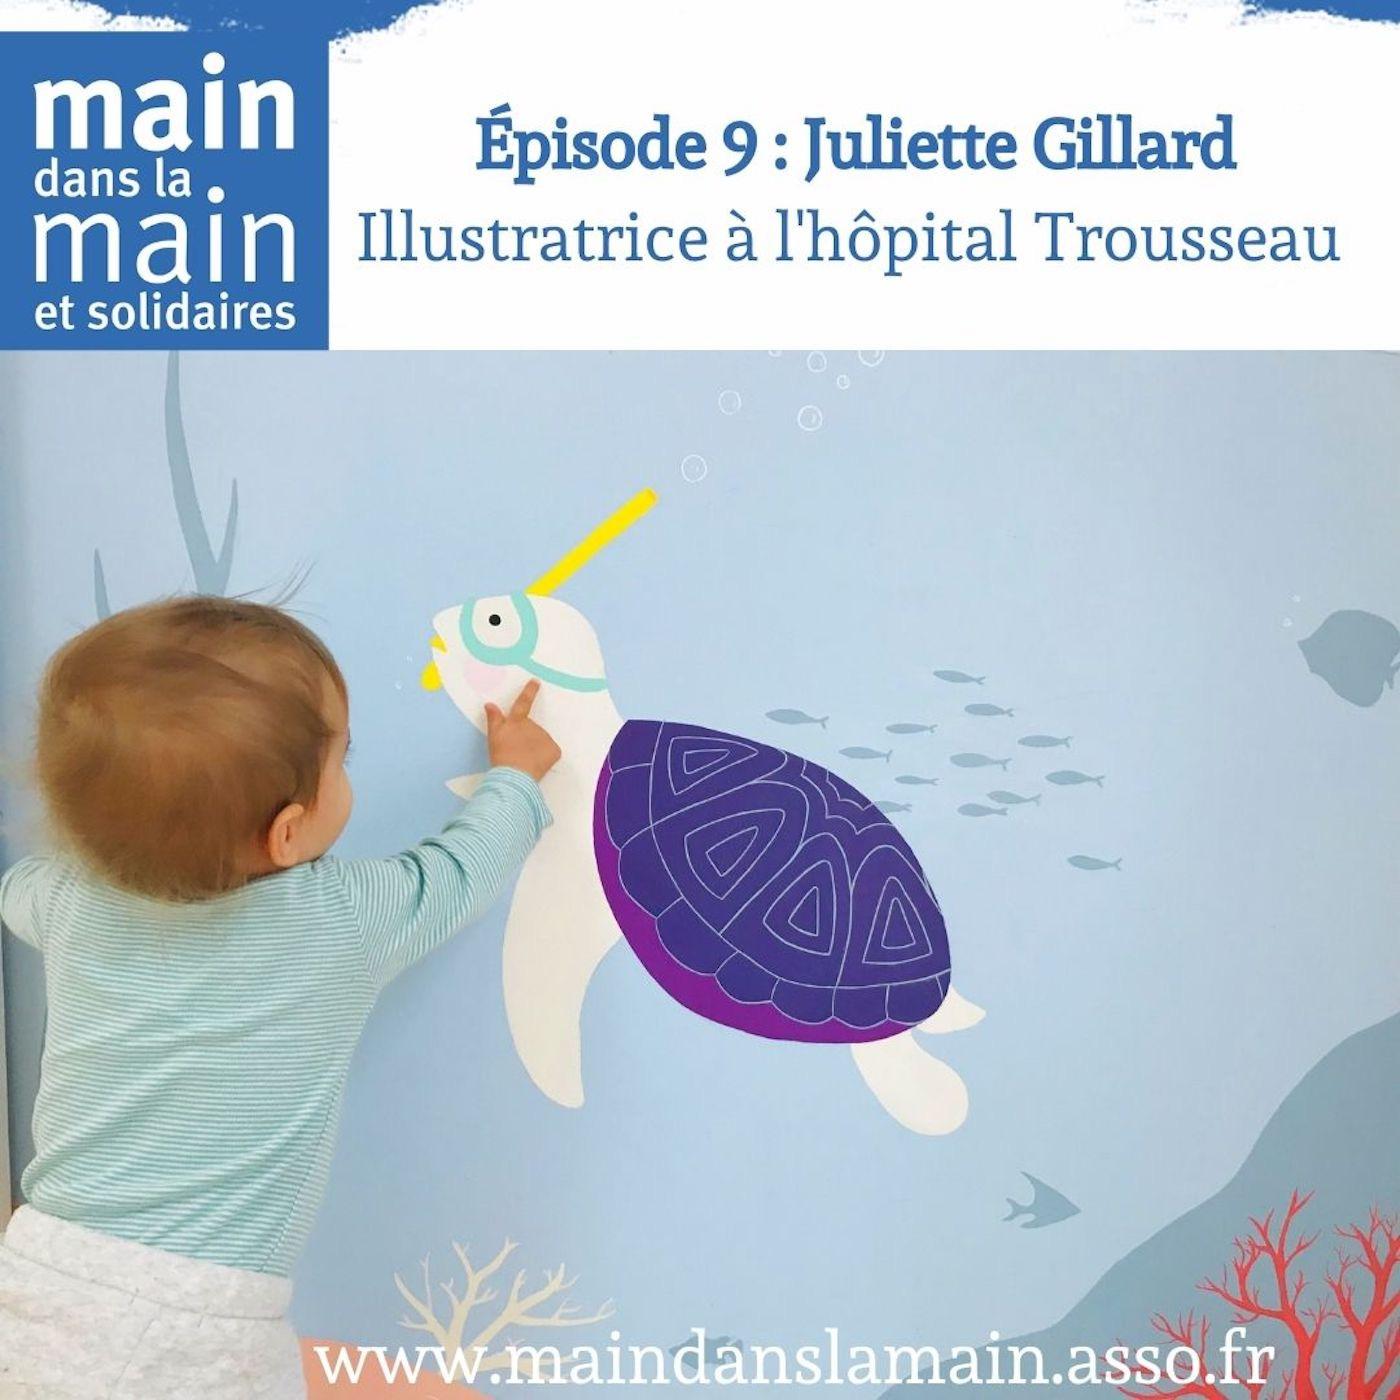 Episode 9 : Juliette Gillard fait des illustrations à l'hôpital Trousseau